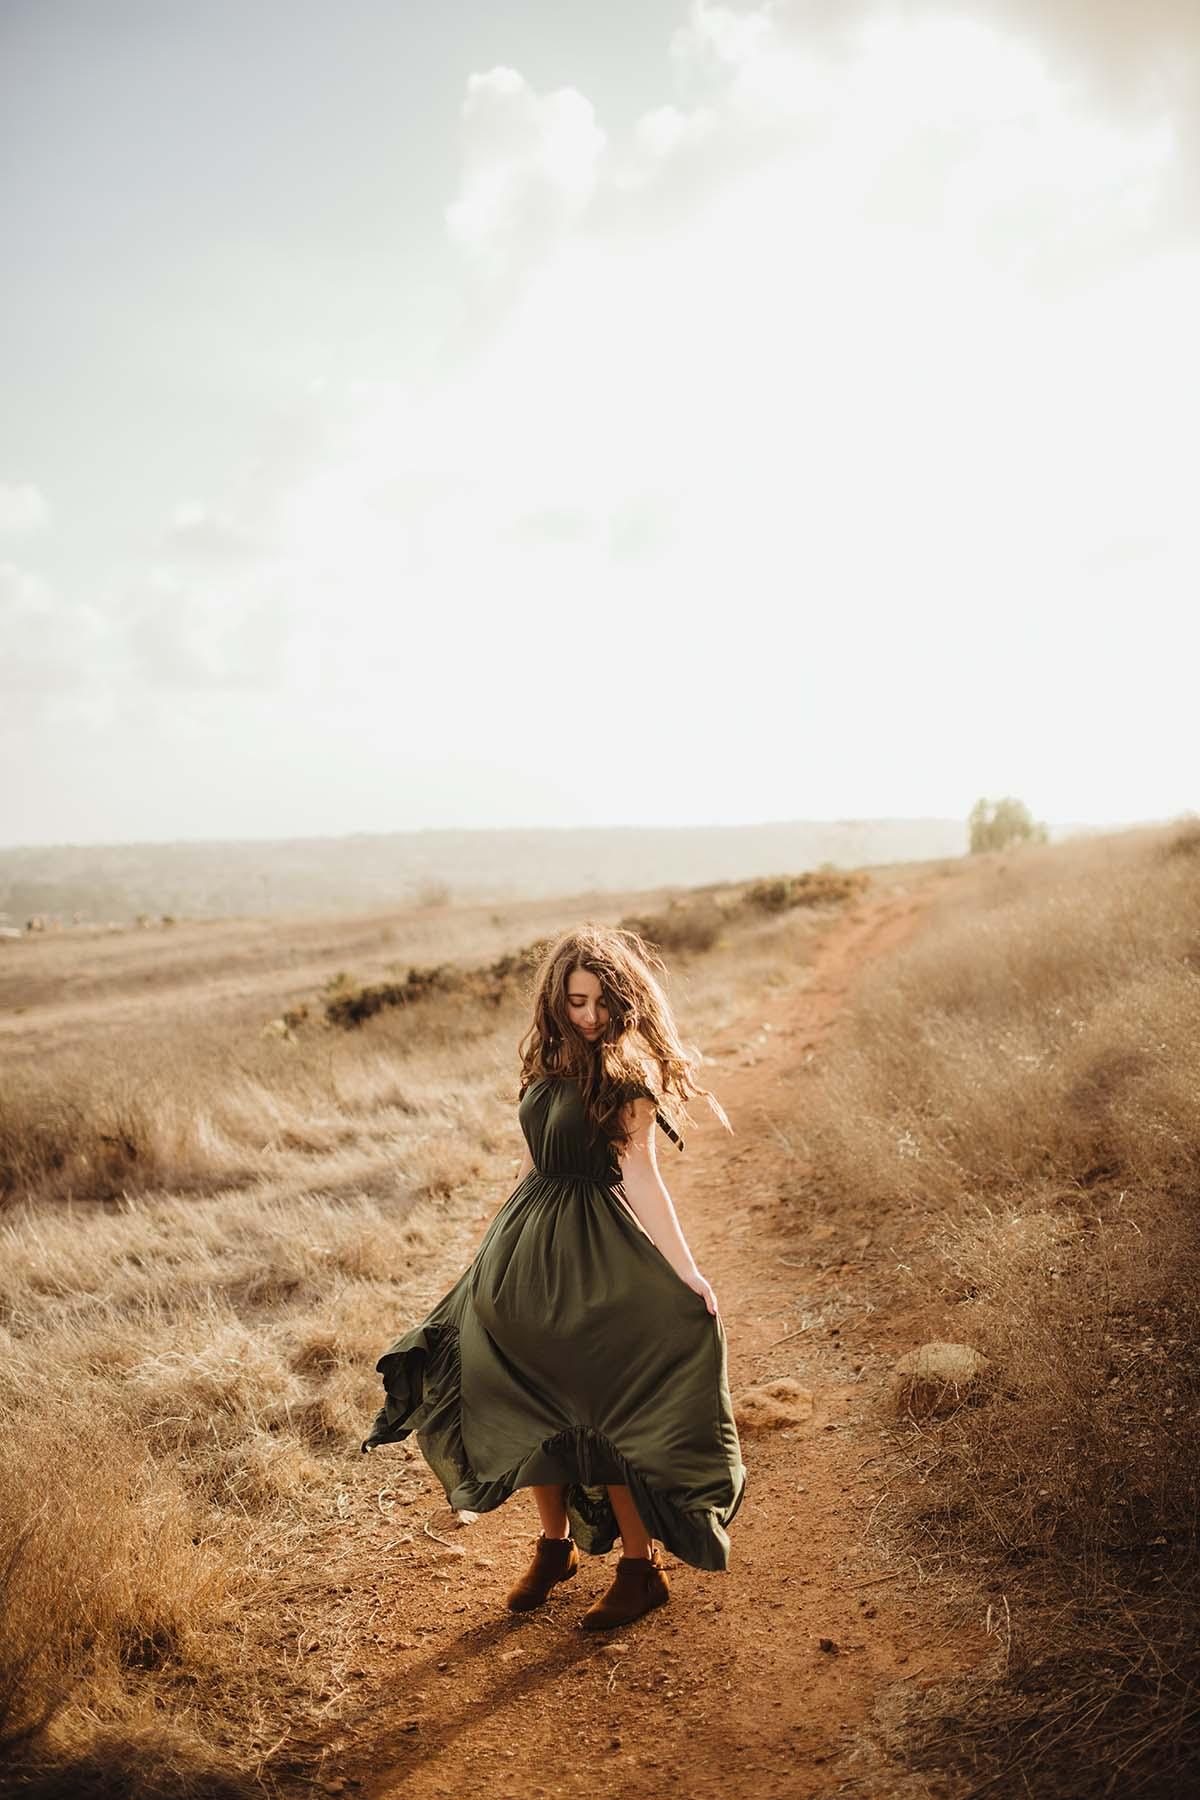 senior girl in the desert